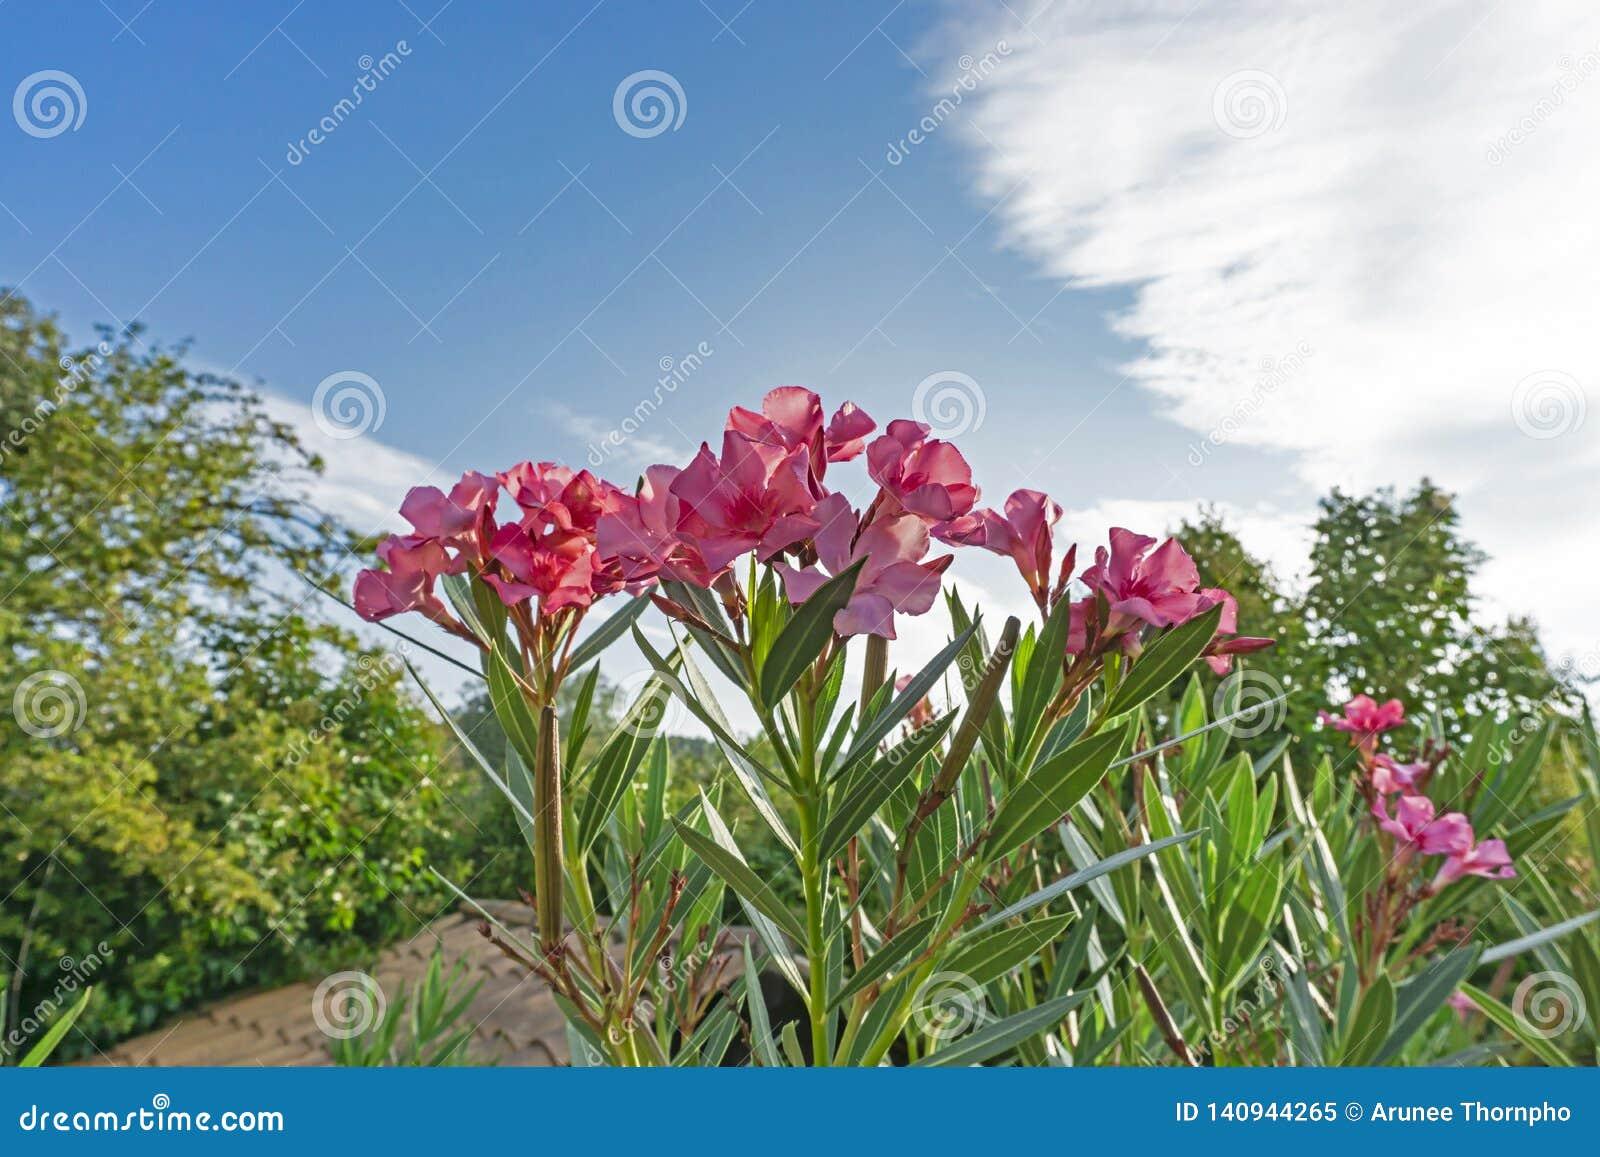 Groupes de pétales roses d oléandre ou de Rose Bay doux parfumé, fleurissant sur les feuilles vertes et le fond vif de ciel bleu